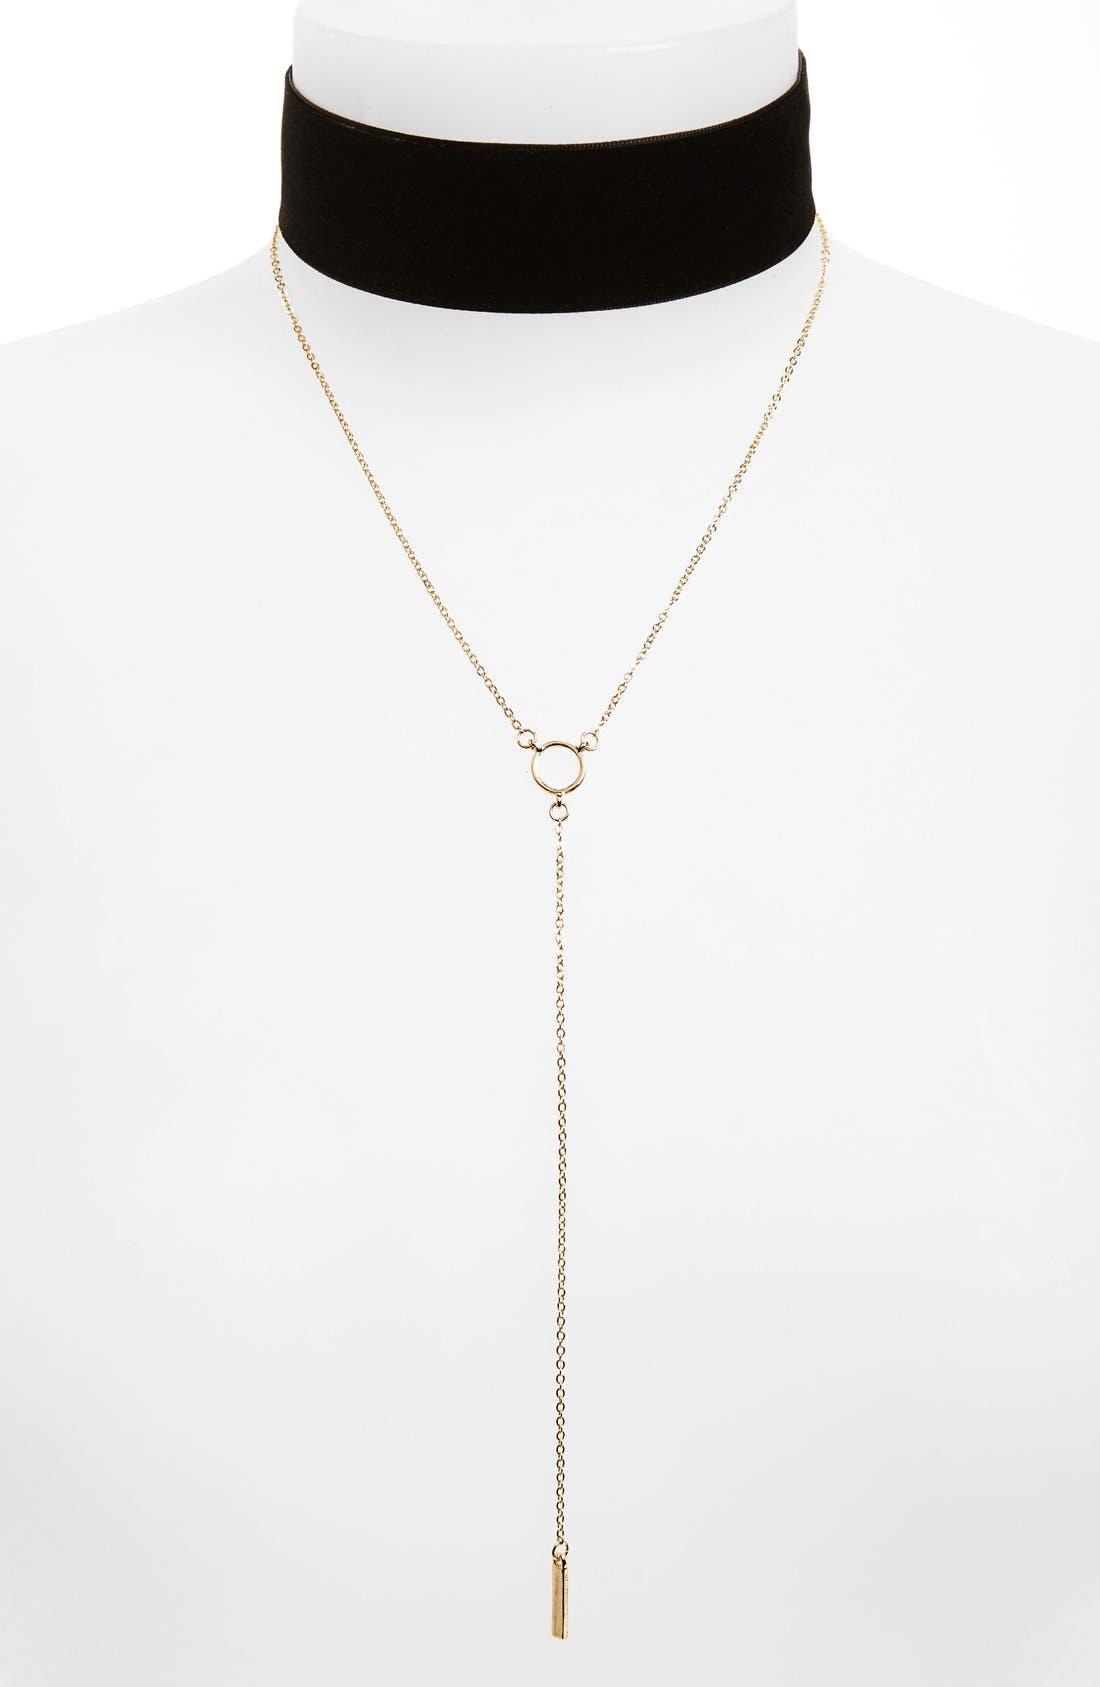 Main Image - BP. Velvet Choker & Lariat Necklace (Set of 2)